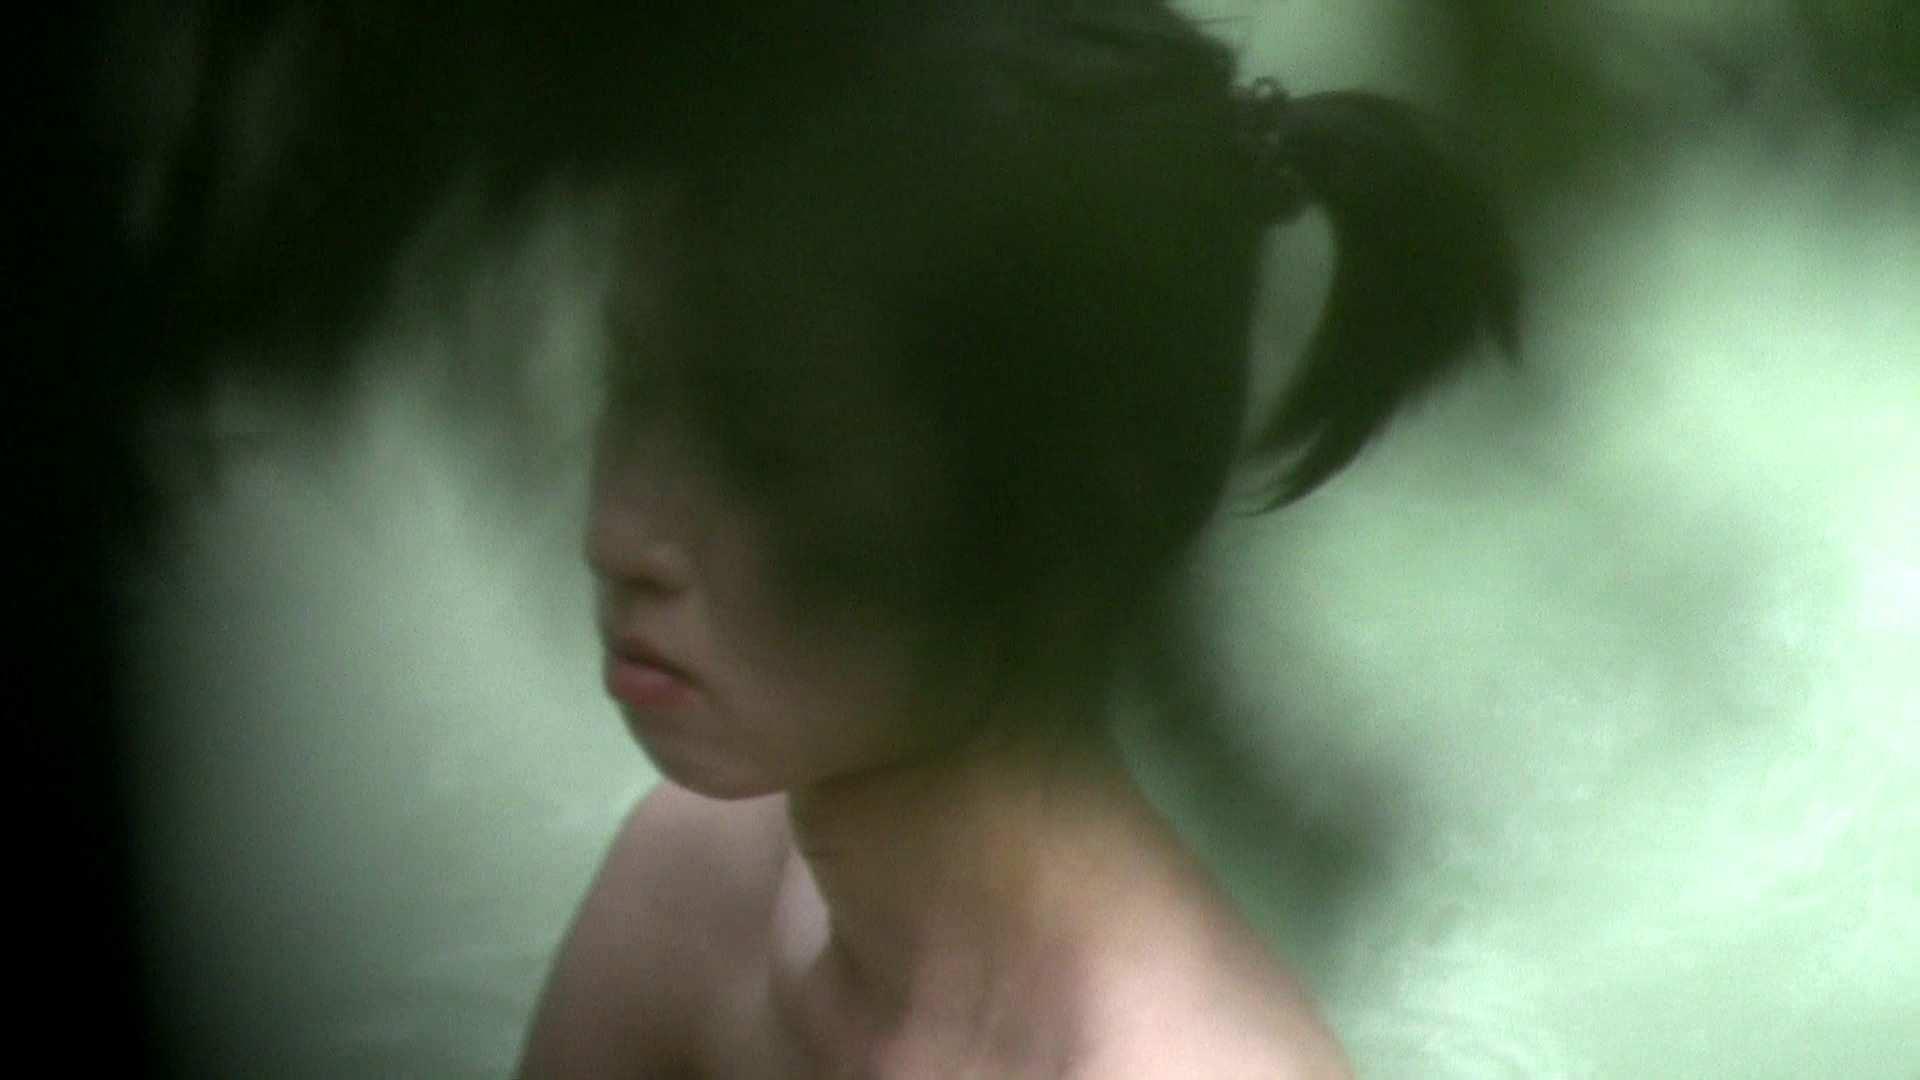 Aquaな露天風呂Vol.656 OL  49pic 46